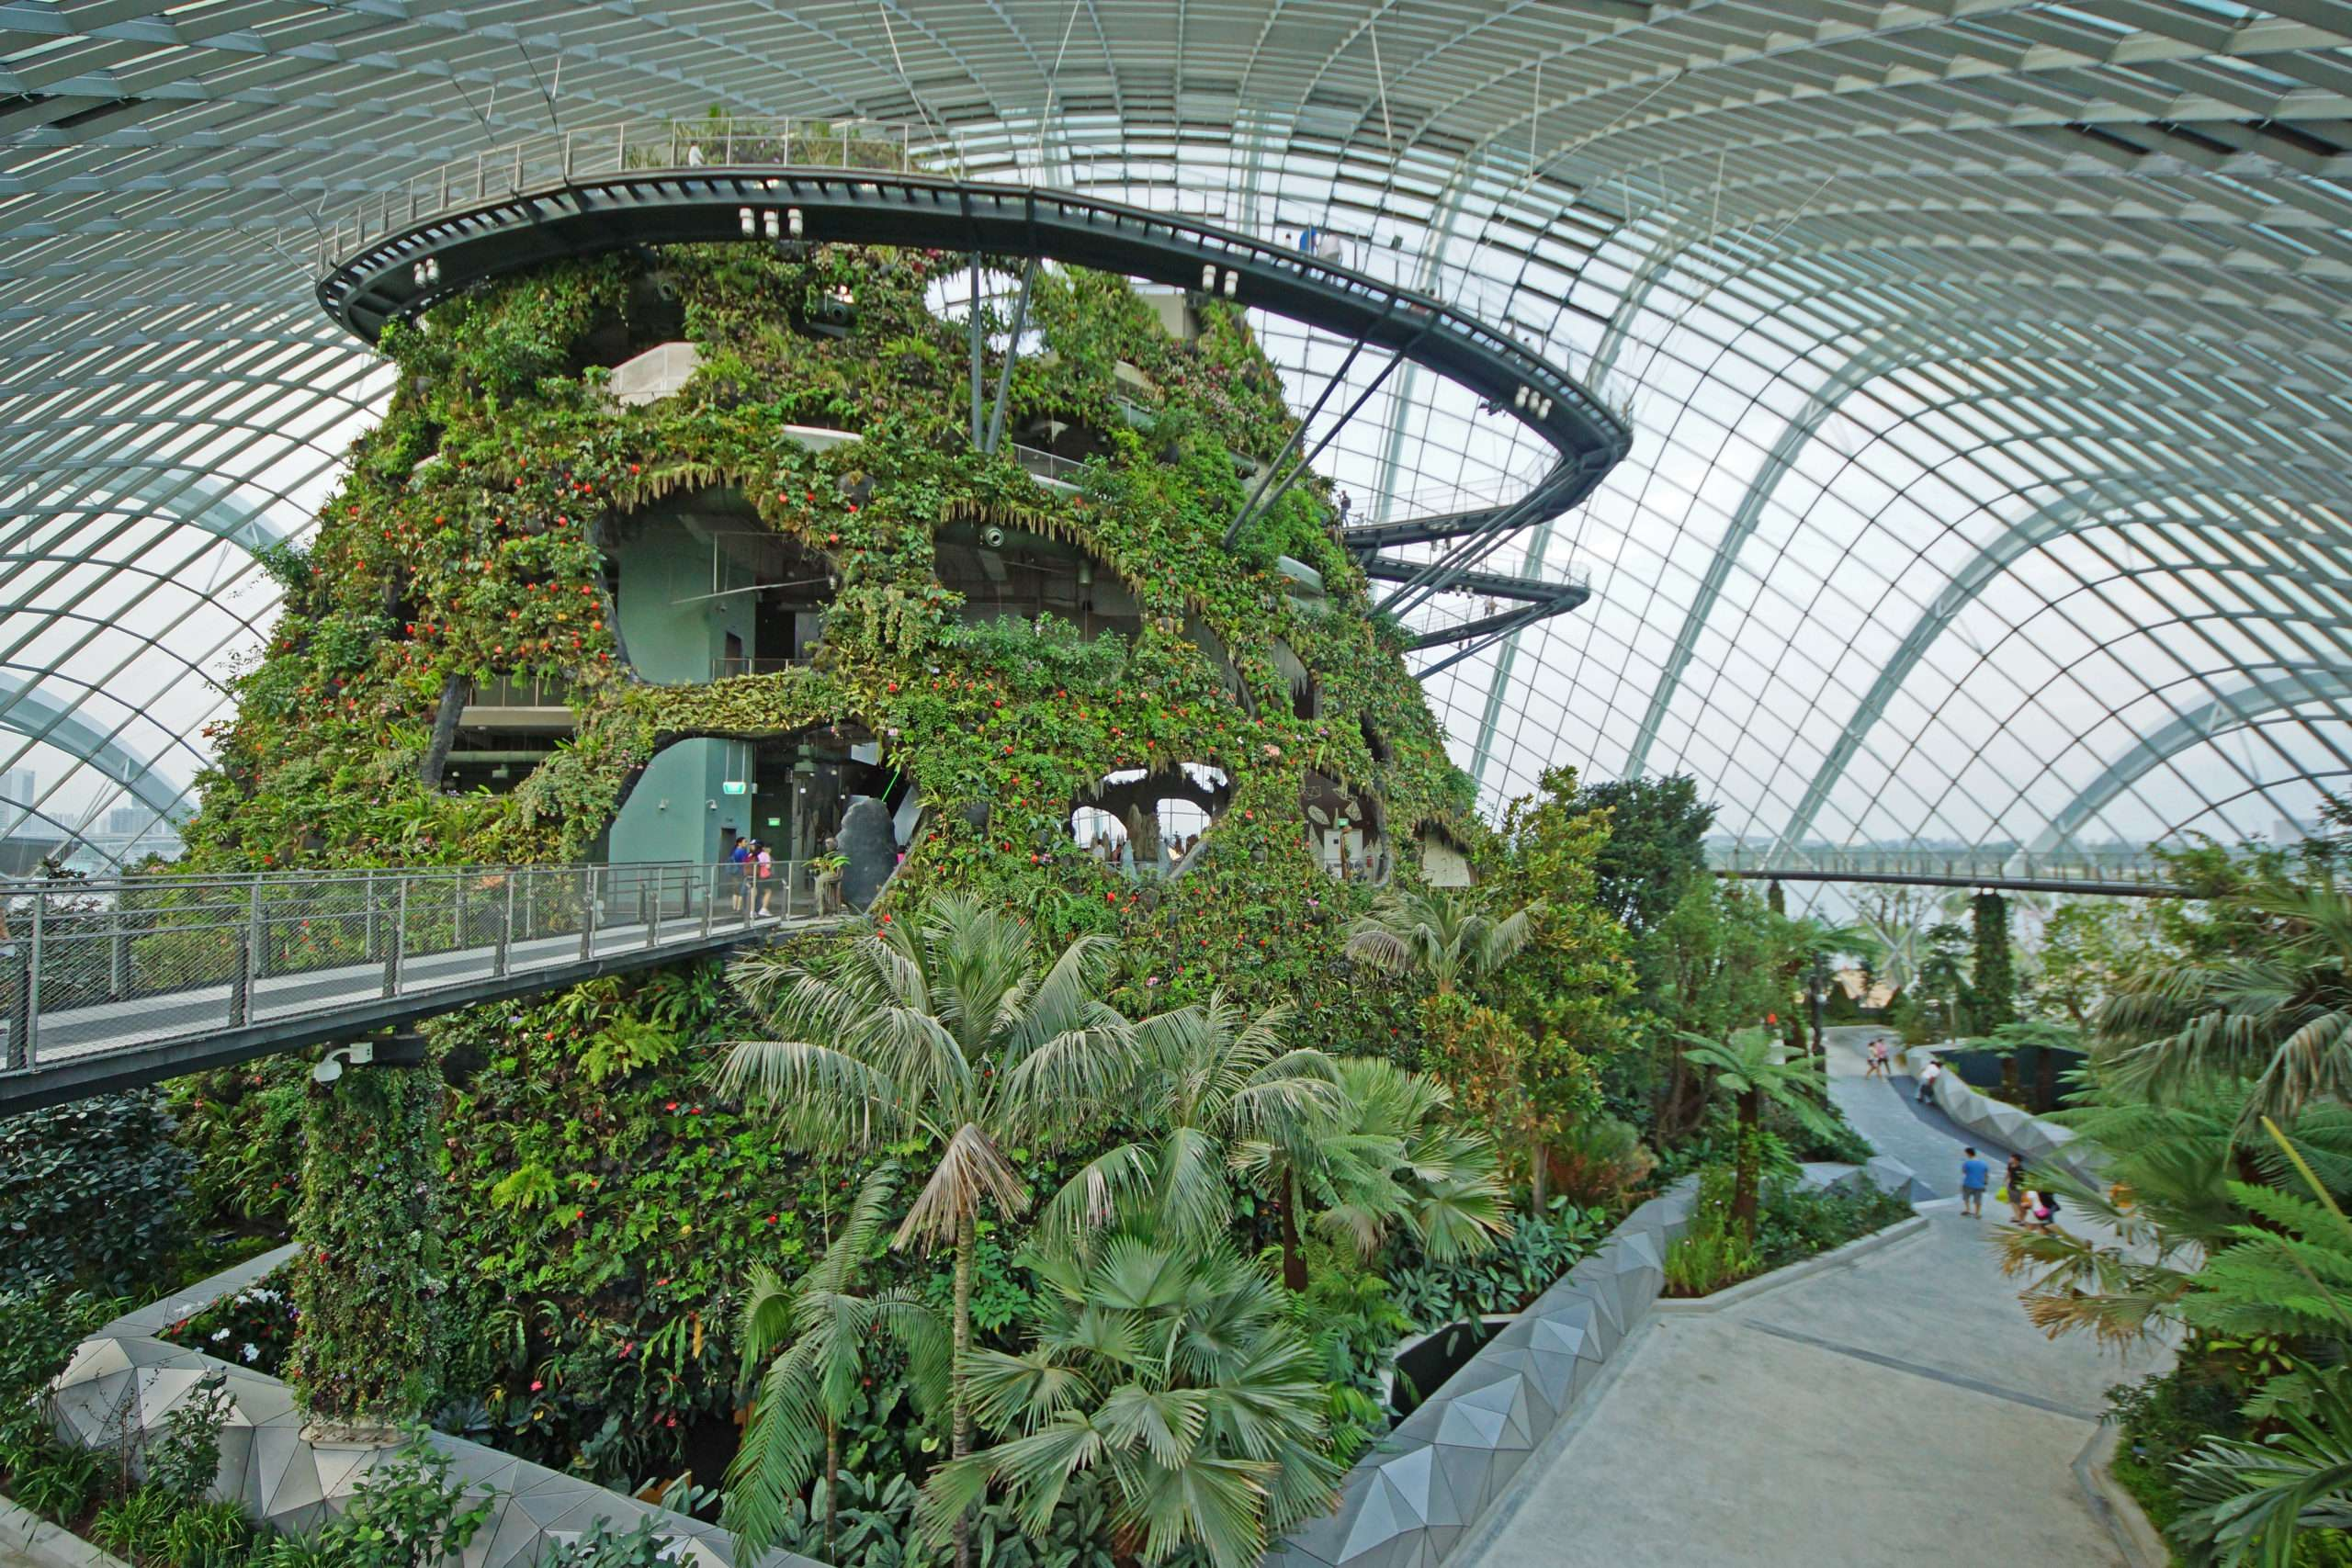 """La serre """"Cloud Forest"""" à Singapour, l'une des inspirations du projet Tropicalia. Photographie : Allie Caulfield via Wikimedia Commons"""